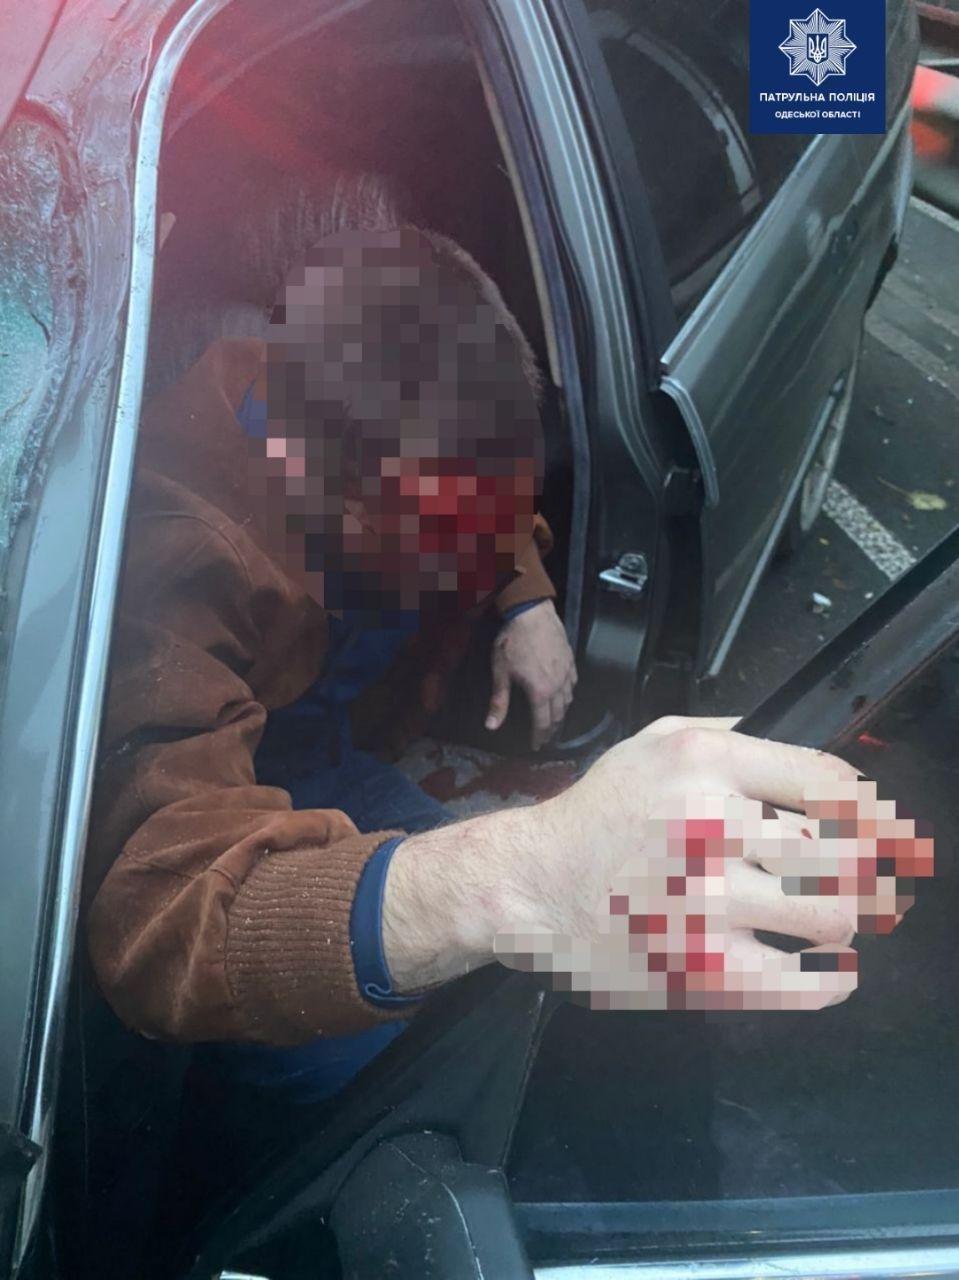 В Одессе мужчина угнал BMW и врезался в автобус: пострадали два человека. Фото патрульной полиции